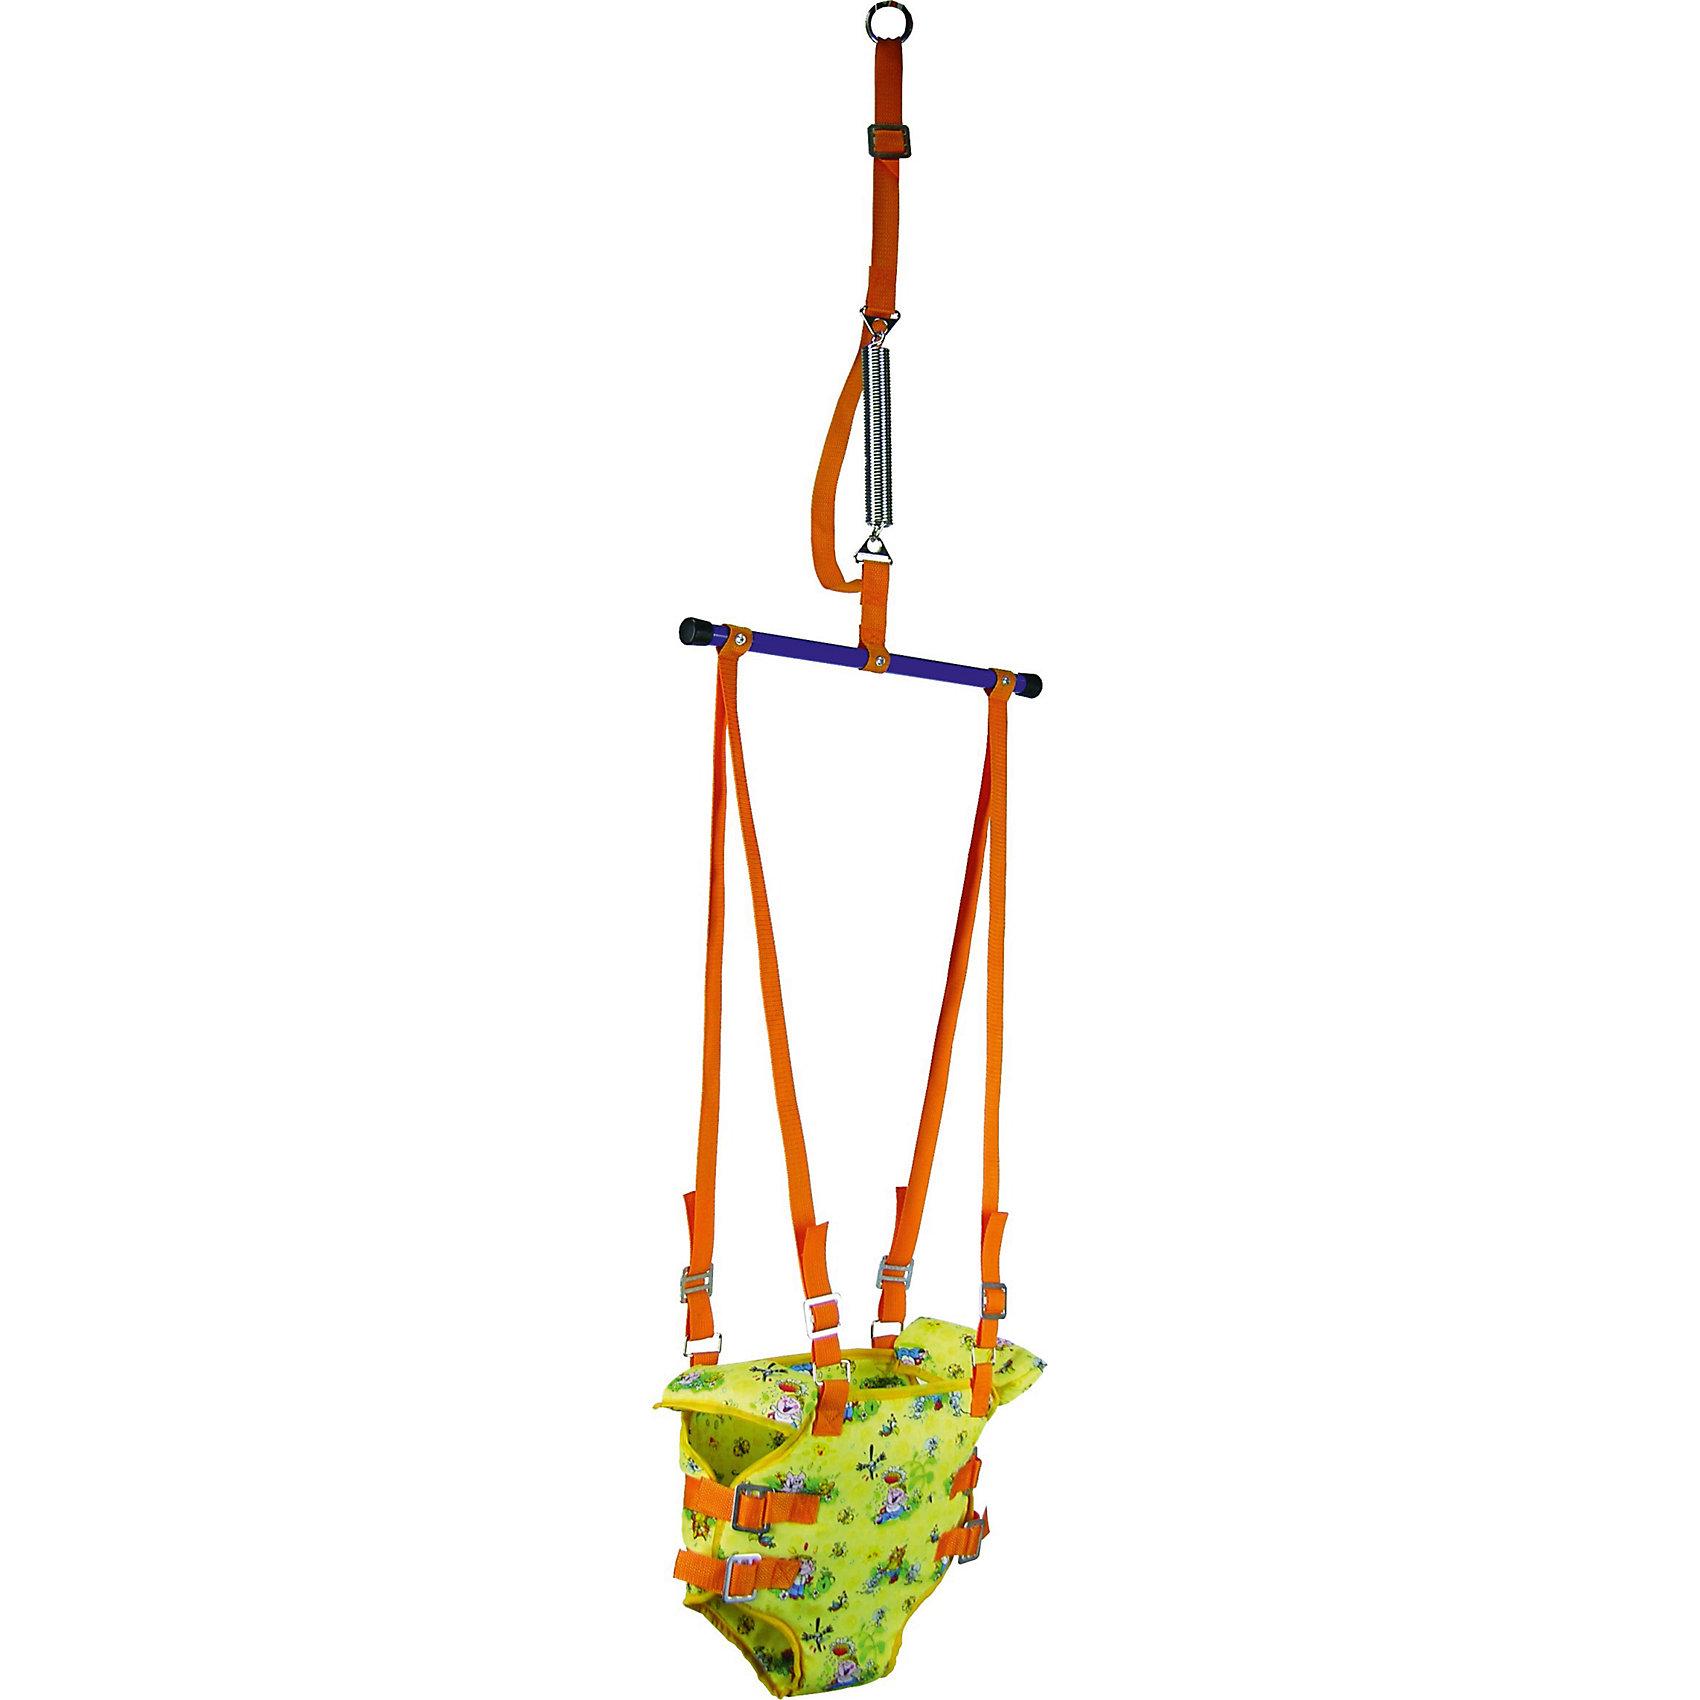 Прыгунки 2 в 1 ФеяПрыгунки<br>Прыгунки предназначены для малышей, которые уже умеют сидеть. Удобное сиденье-штанишки и подмышечные валики надежно фиксируют малыша внутри и обеспечивают удобство и комфорт. Стальная сверхпрочная пружина, снабжена предохранительным ремнем, ограничивающим размах колебаний и увеличивающим безопасность. Прыгунки легко трансформируются в турник. Подвешиваются с помощью усиленного металлического кольца.<br><br>Дополнительная информация:<br><br>- Материал: металл, ПЭ, текстиль.<br>- Размер: 160х25х5 см.<br>- Вес: 0,64кг.<br>- Сиденье-штанишки.<br>- Подмышечные валики.<br>- Подставка для ног.<br>- Крепление: металлическое кольцо.<br>- Трансформируется в турник.<br>- Возраст: от 6 месяцев до 9 лет.<br> <br>Прыгунки 2 в 1 Фея, можно купить в нашем магазине.<br><br>Ширина мм: 1600<br>Глубина мм: 250<br>Высота мм: 500<br>Вес г: 840<br>Возраст от месяцев: 5<br>Возраст до месяцев: 11<br>Пол: Унисекс<br>Возраст: Детский<br>SKU: 4067755